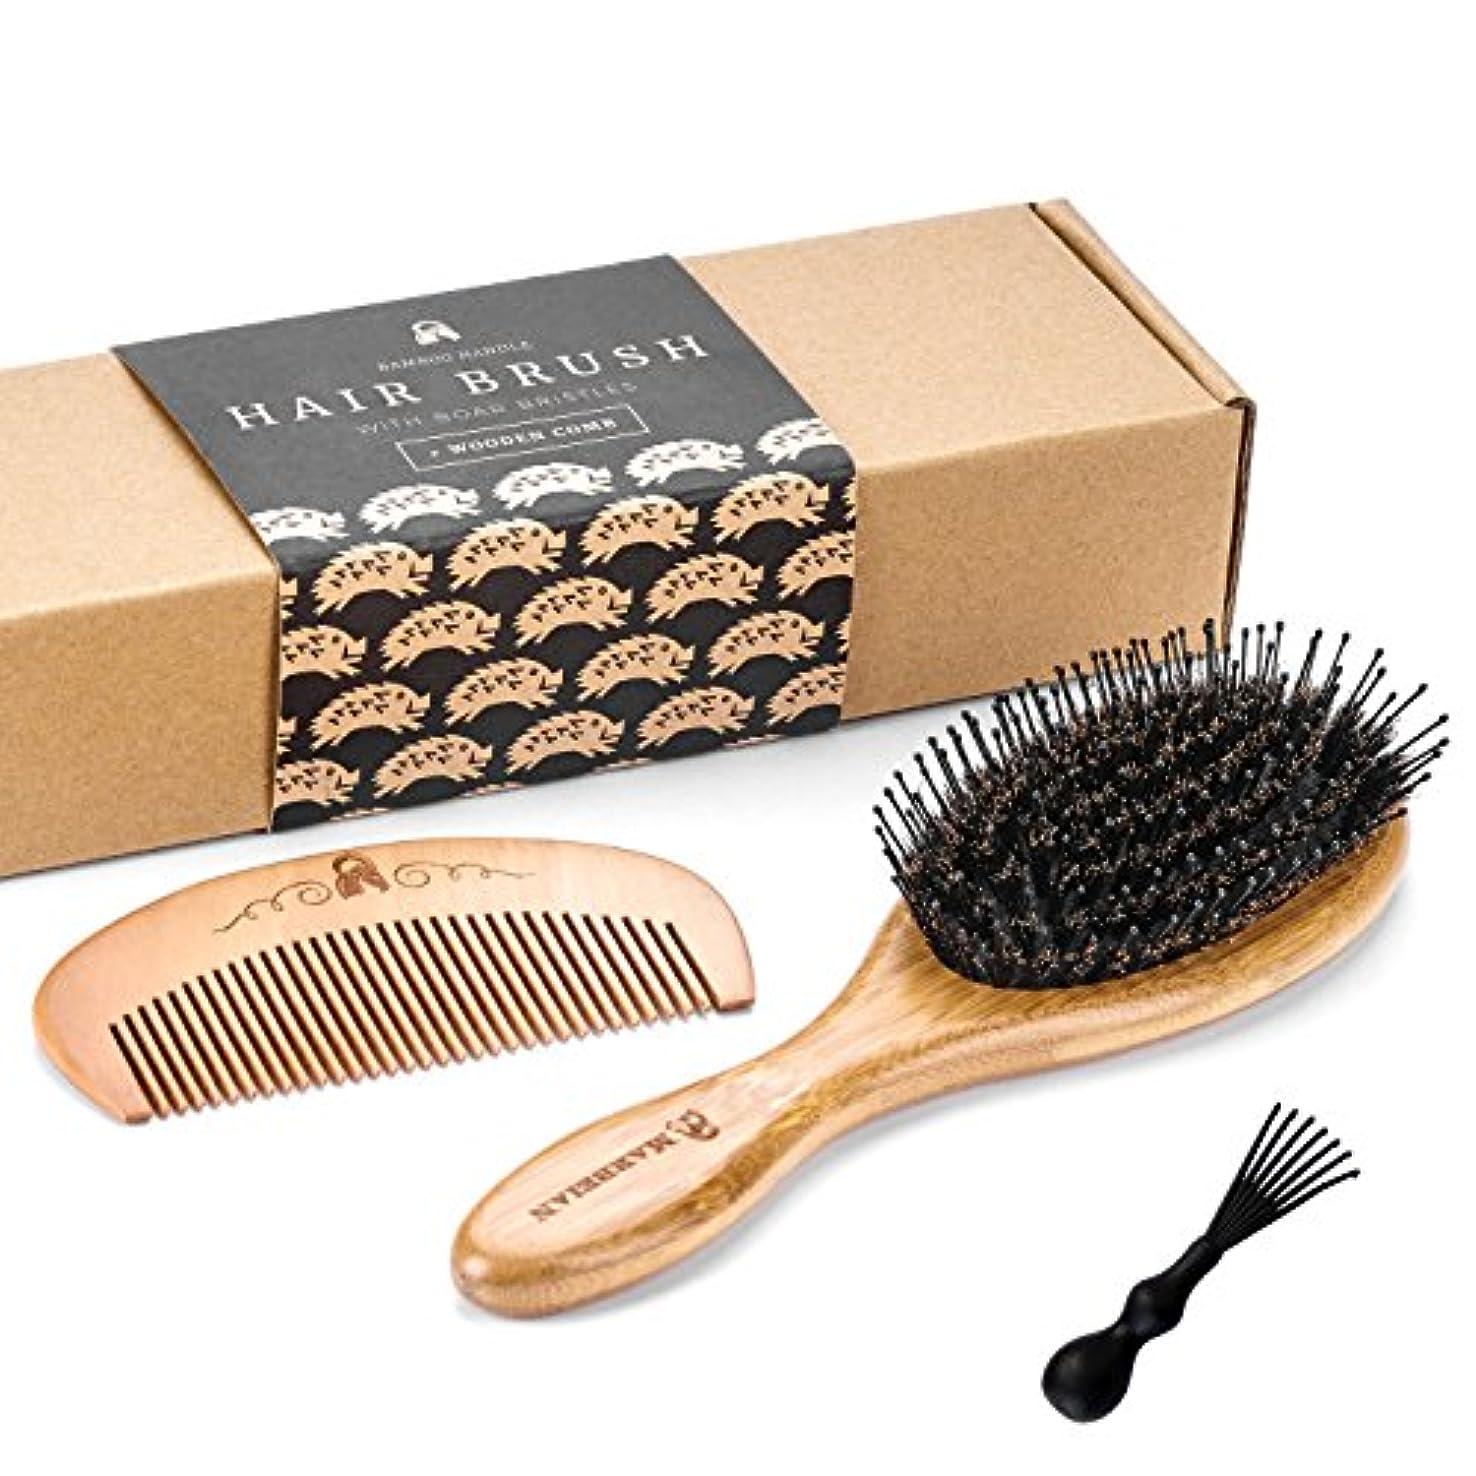 フルーティー落ち着く収入ディタングルピン付き豚毛バンブーヘアブラシと木製櫛セット。この商品は髪の毛を艶やかにし、クリーニング用具も付属しています。